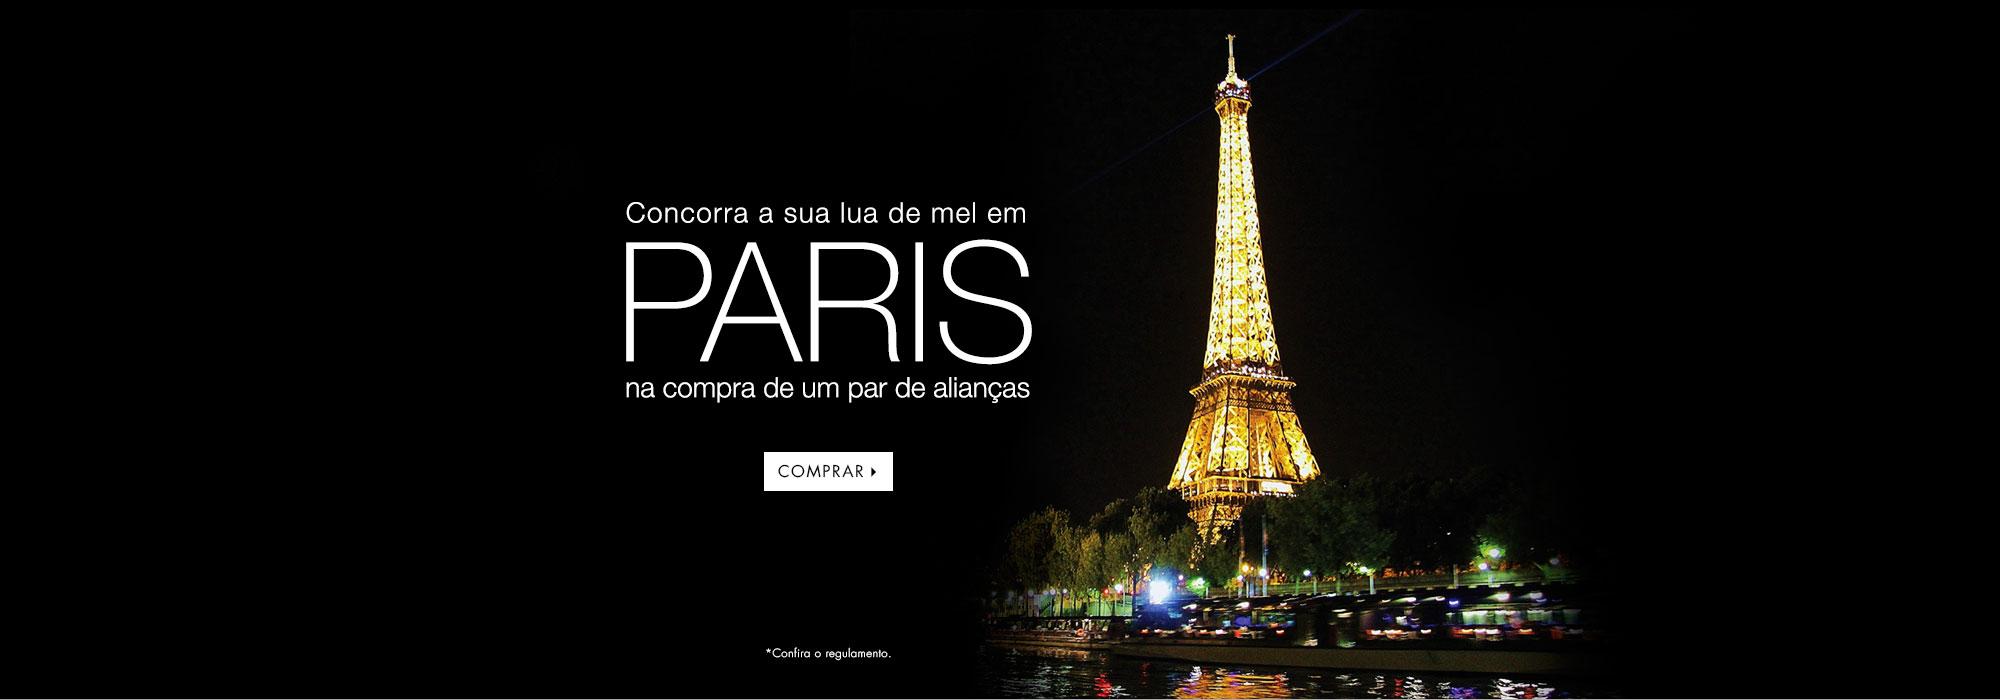 Promo Paris